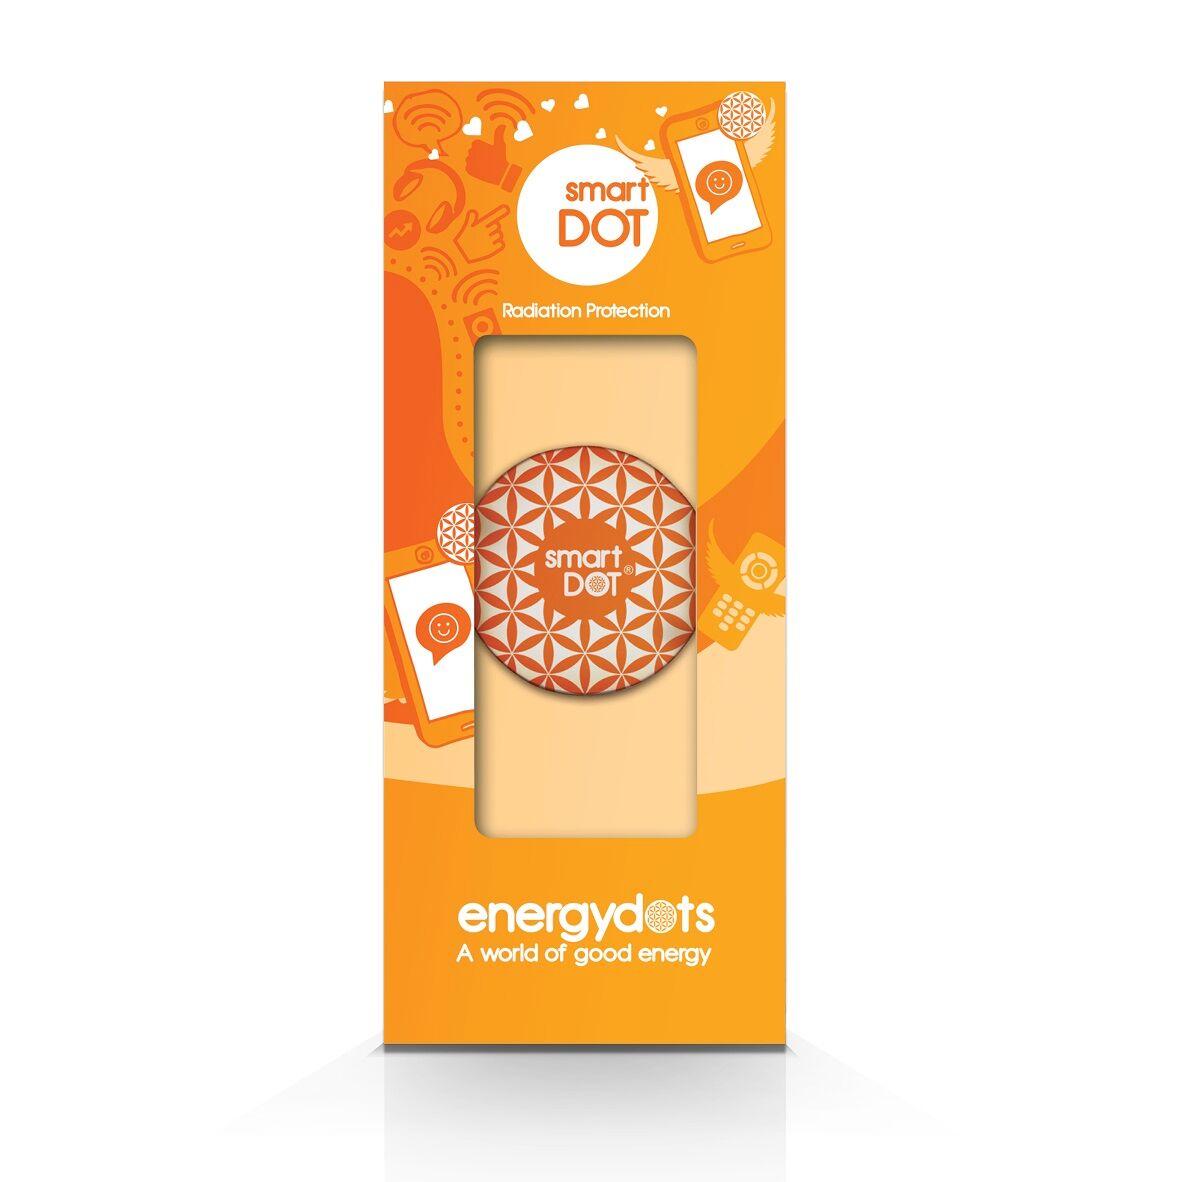 smart dot energy dots